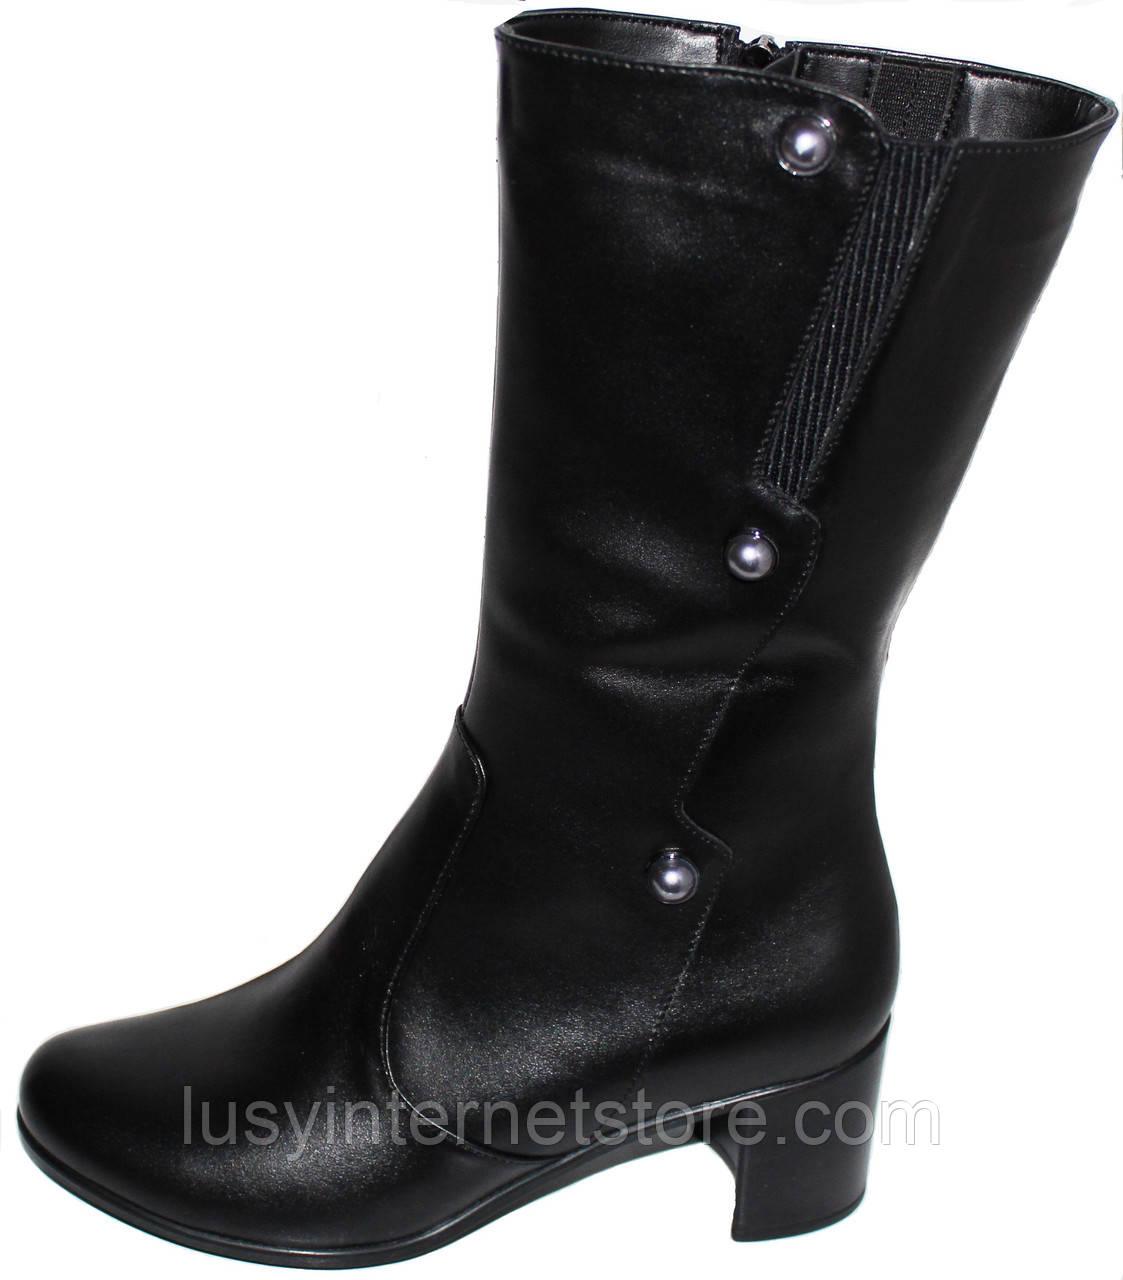 df6baffdf Женские кожаные сапоги демисезонные, сапоги кожаные от производителя модель  БМ712 - Lusy в Харькове